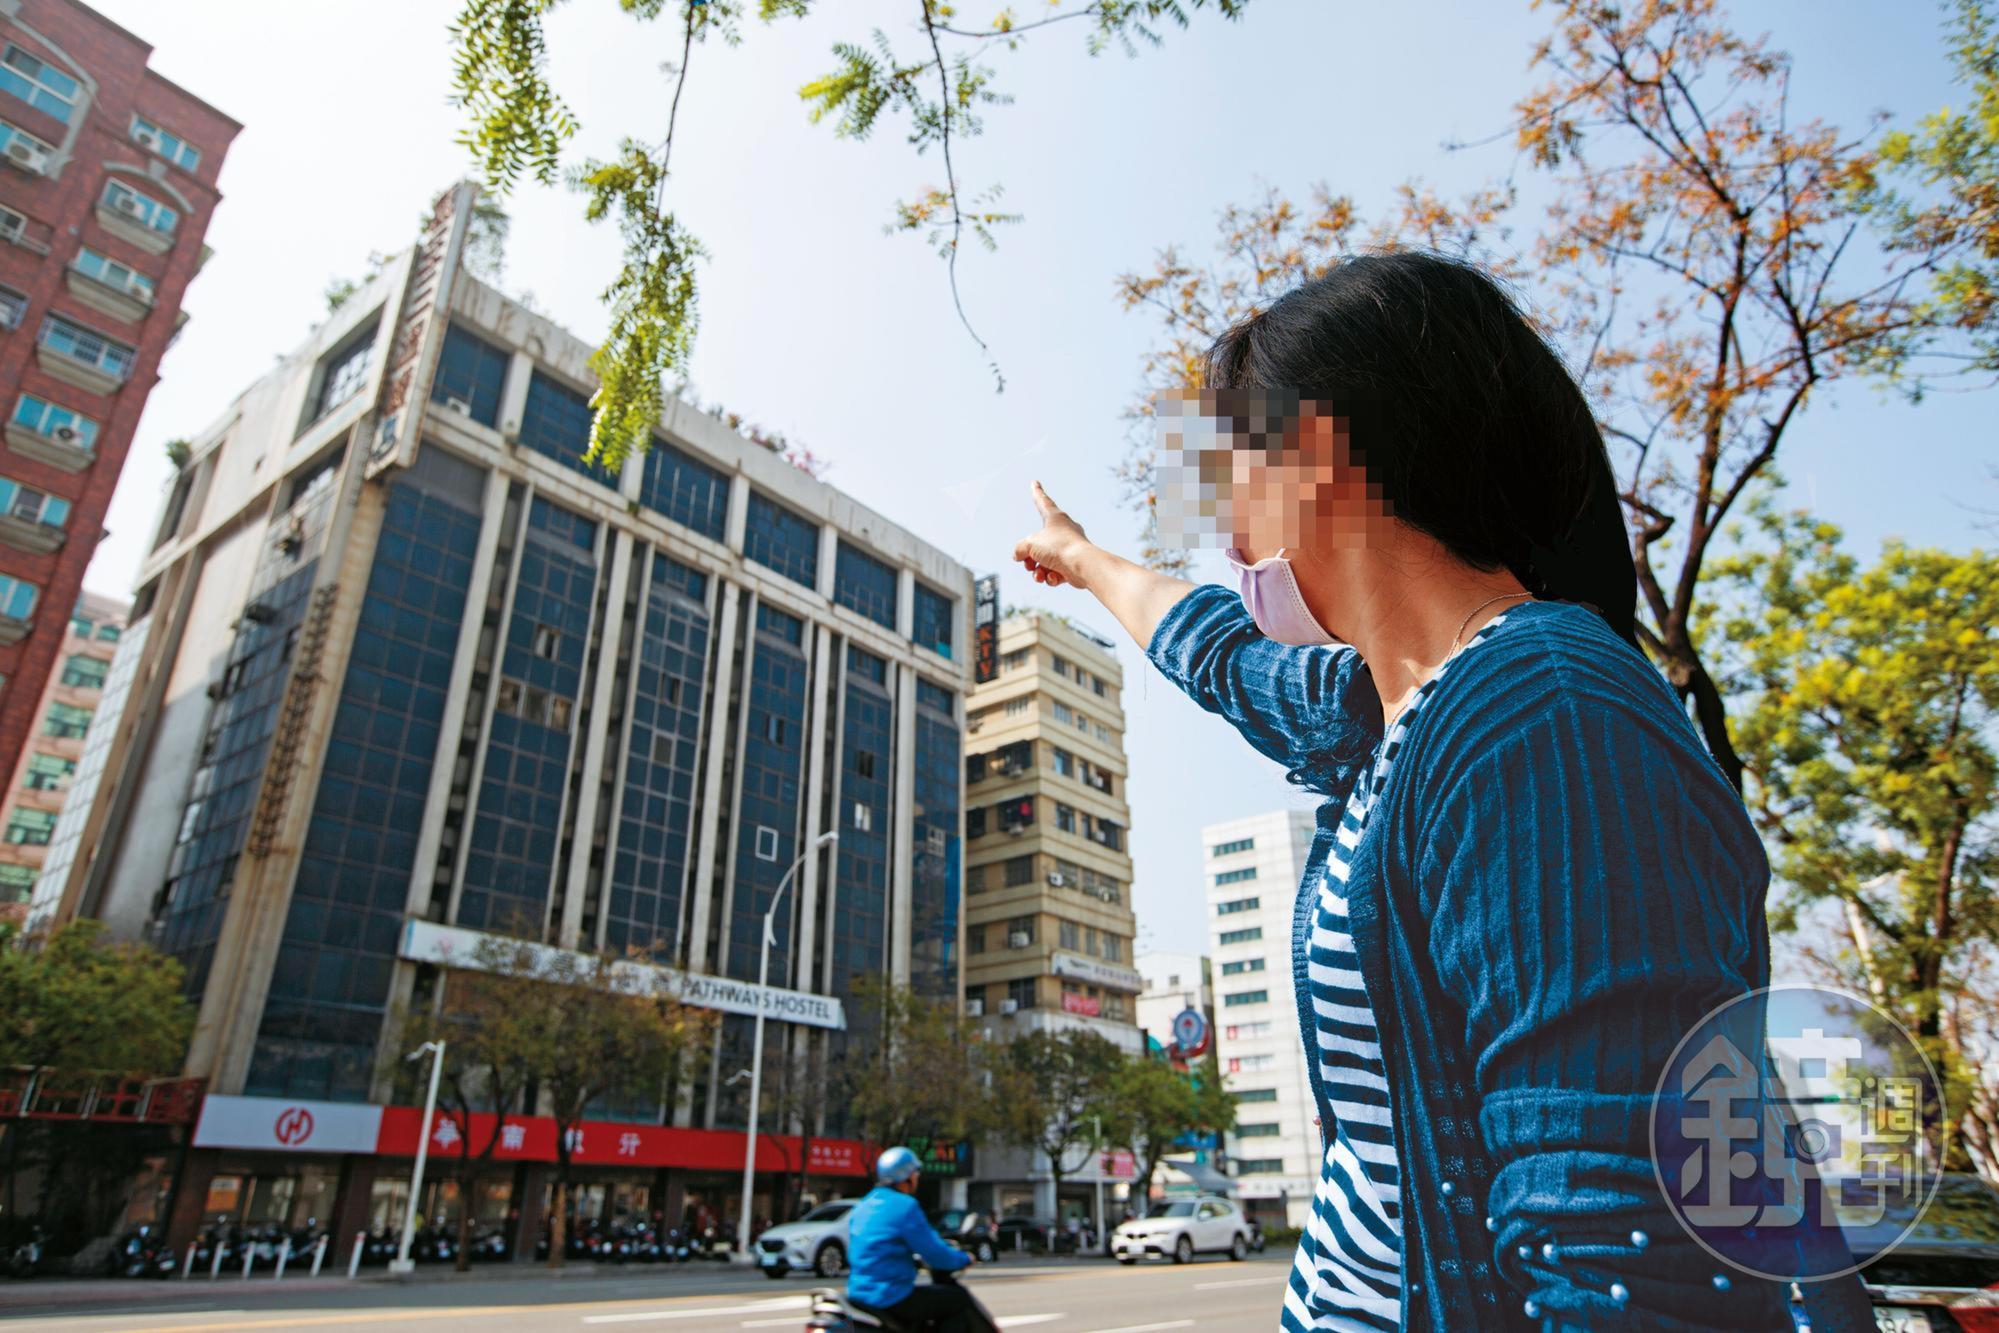 住戶不滿戴崇慶霸占13樓頂,還竊水竊電,每個月數萬元的水電費,竟要大樓所有住戶買單。